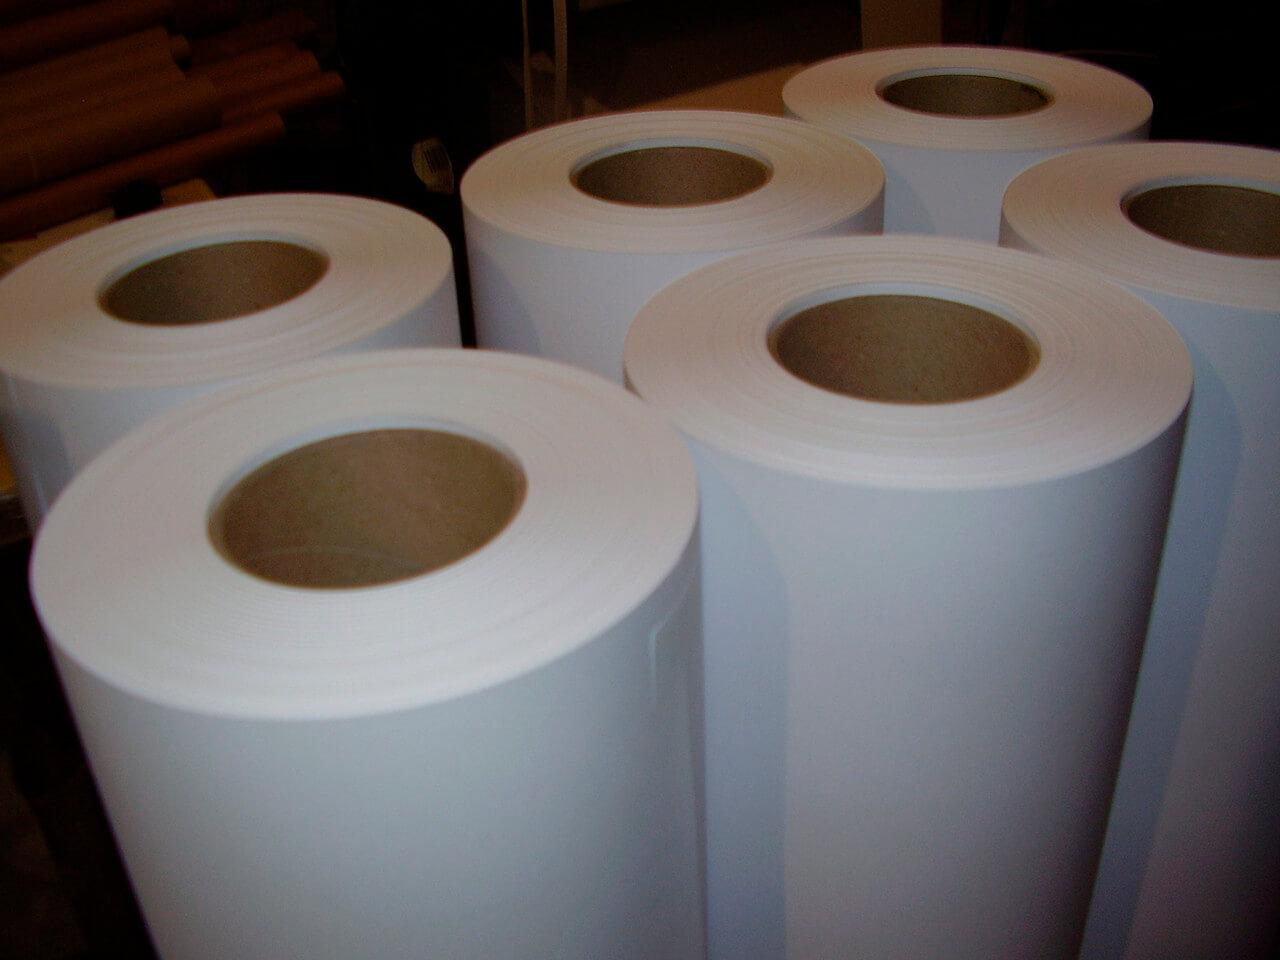 Рулоны офсетной бумаги